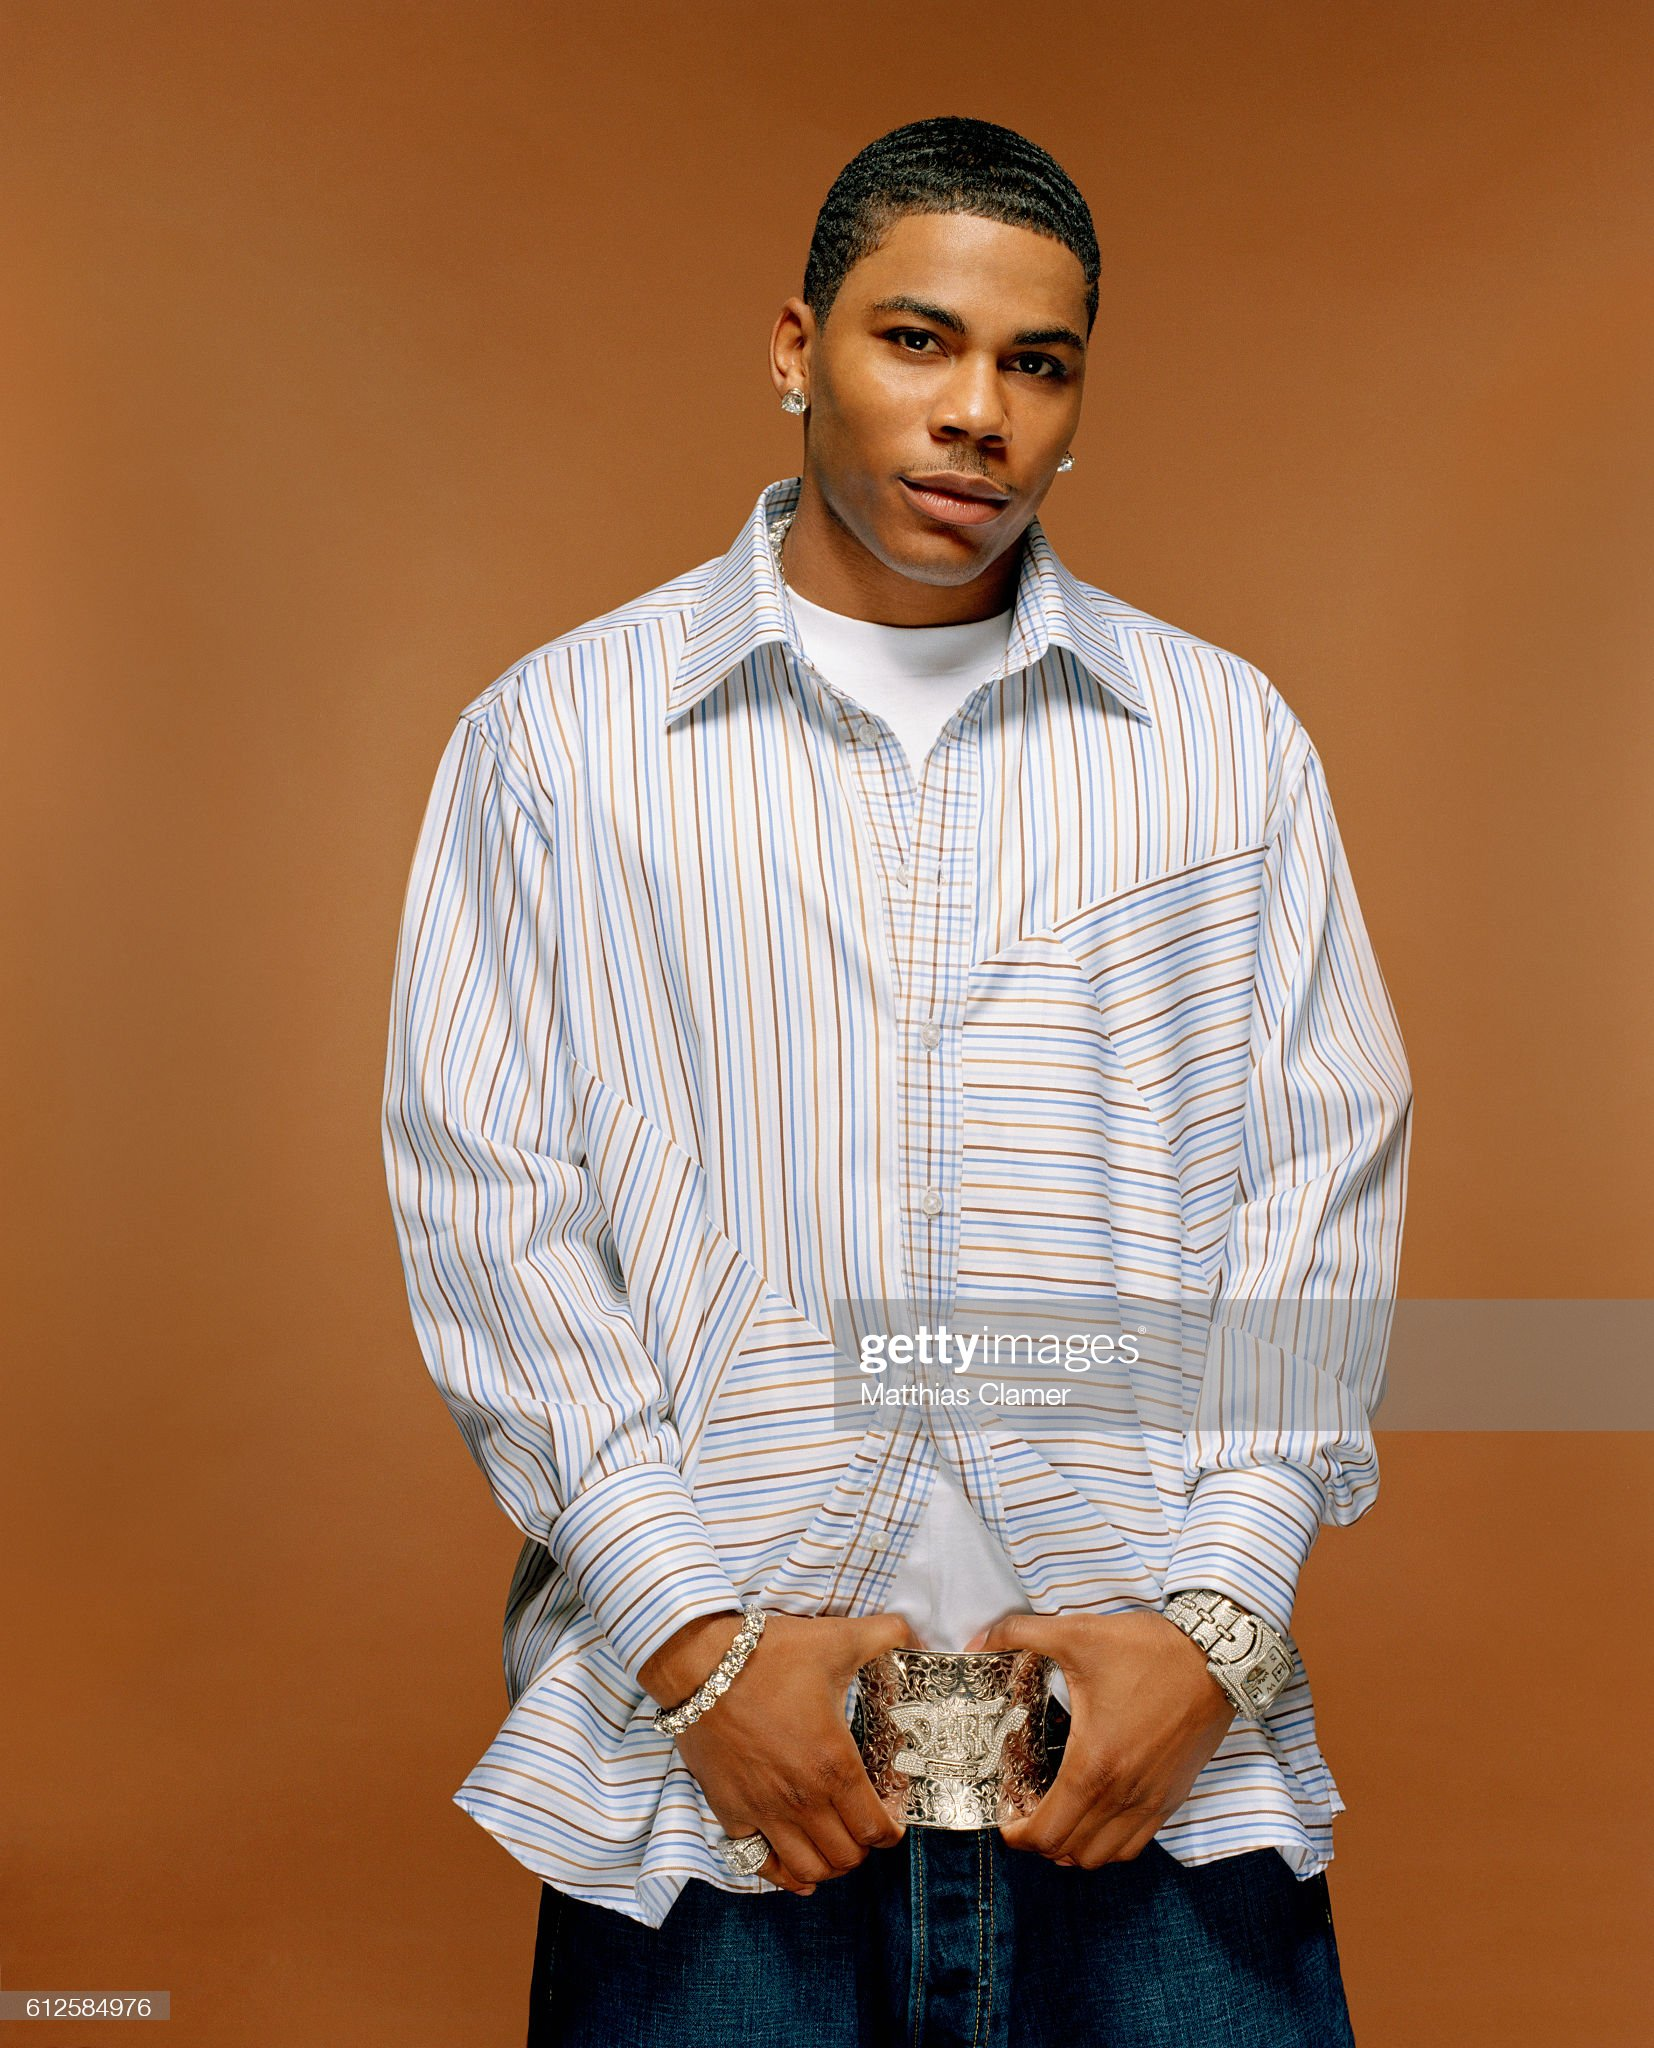 Relación entre estatura y rostro: caras de altos y de bajos. - Página 3 Nelly-picture-id612584976?s=2048x2048